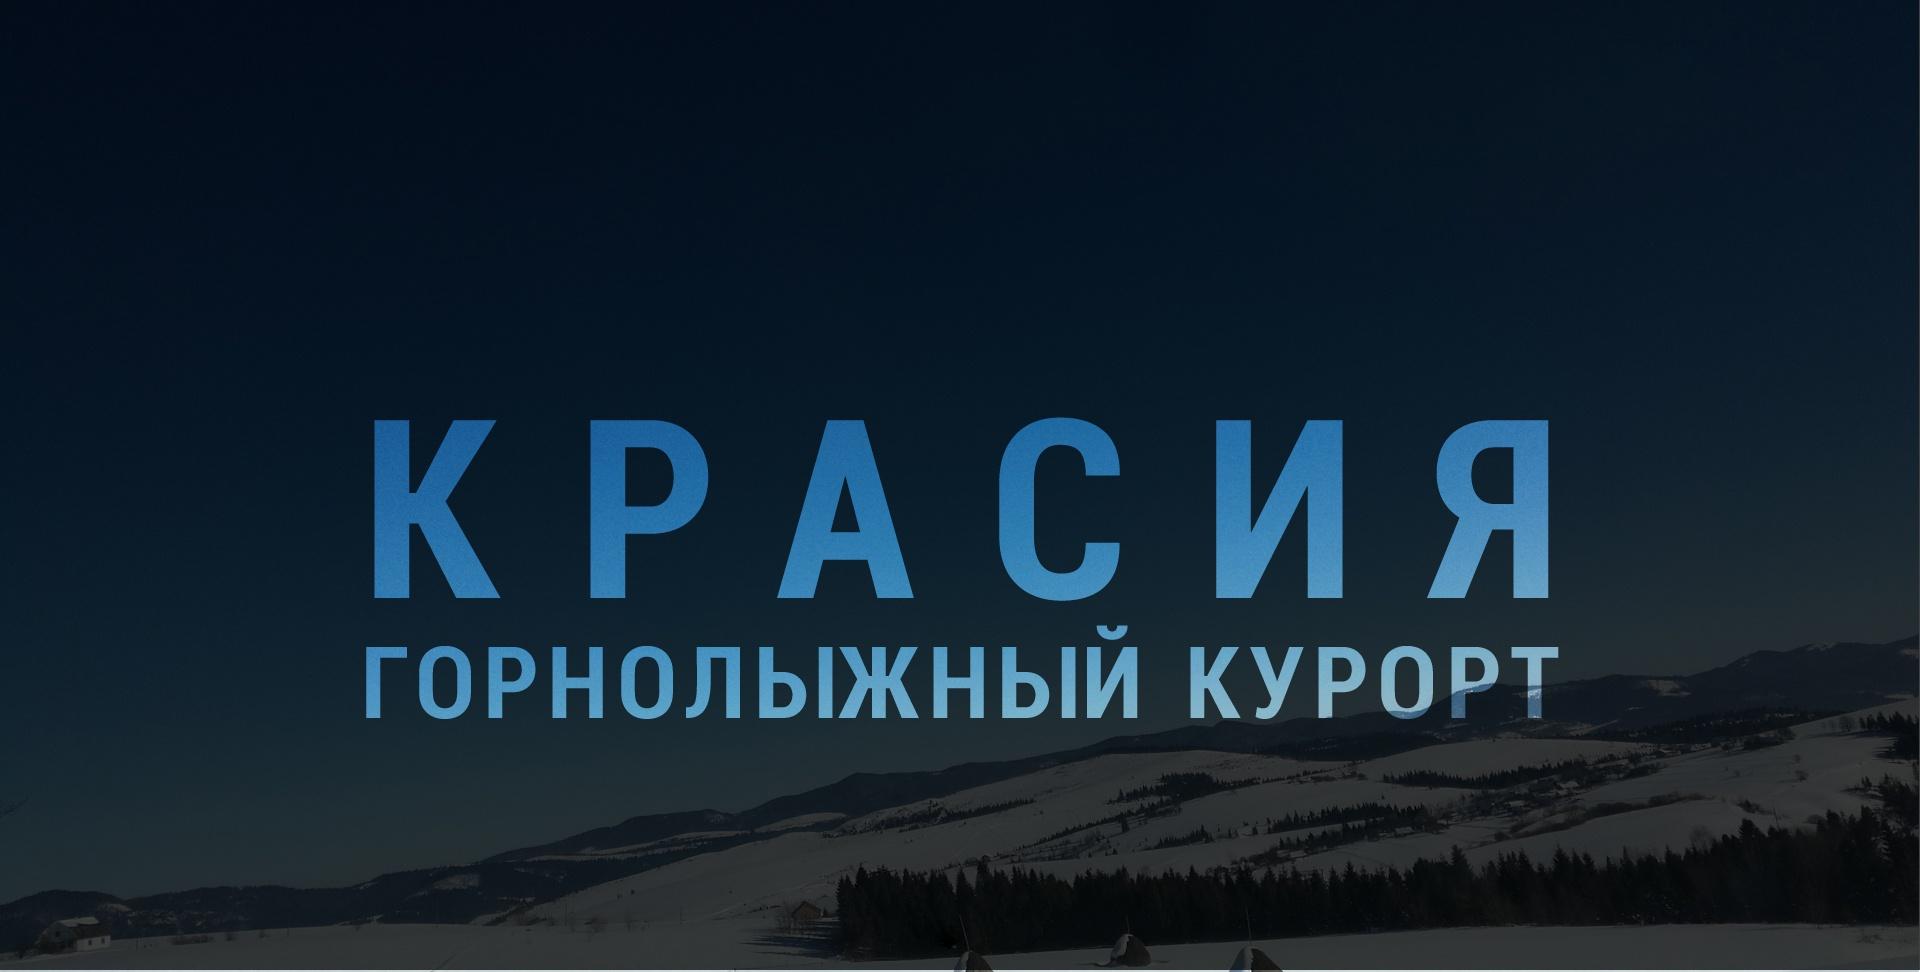 zimnie-kyrorty-ukrainu-4